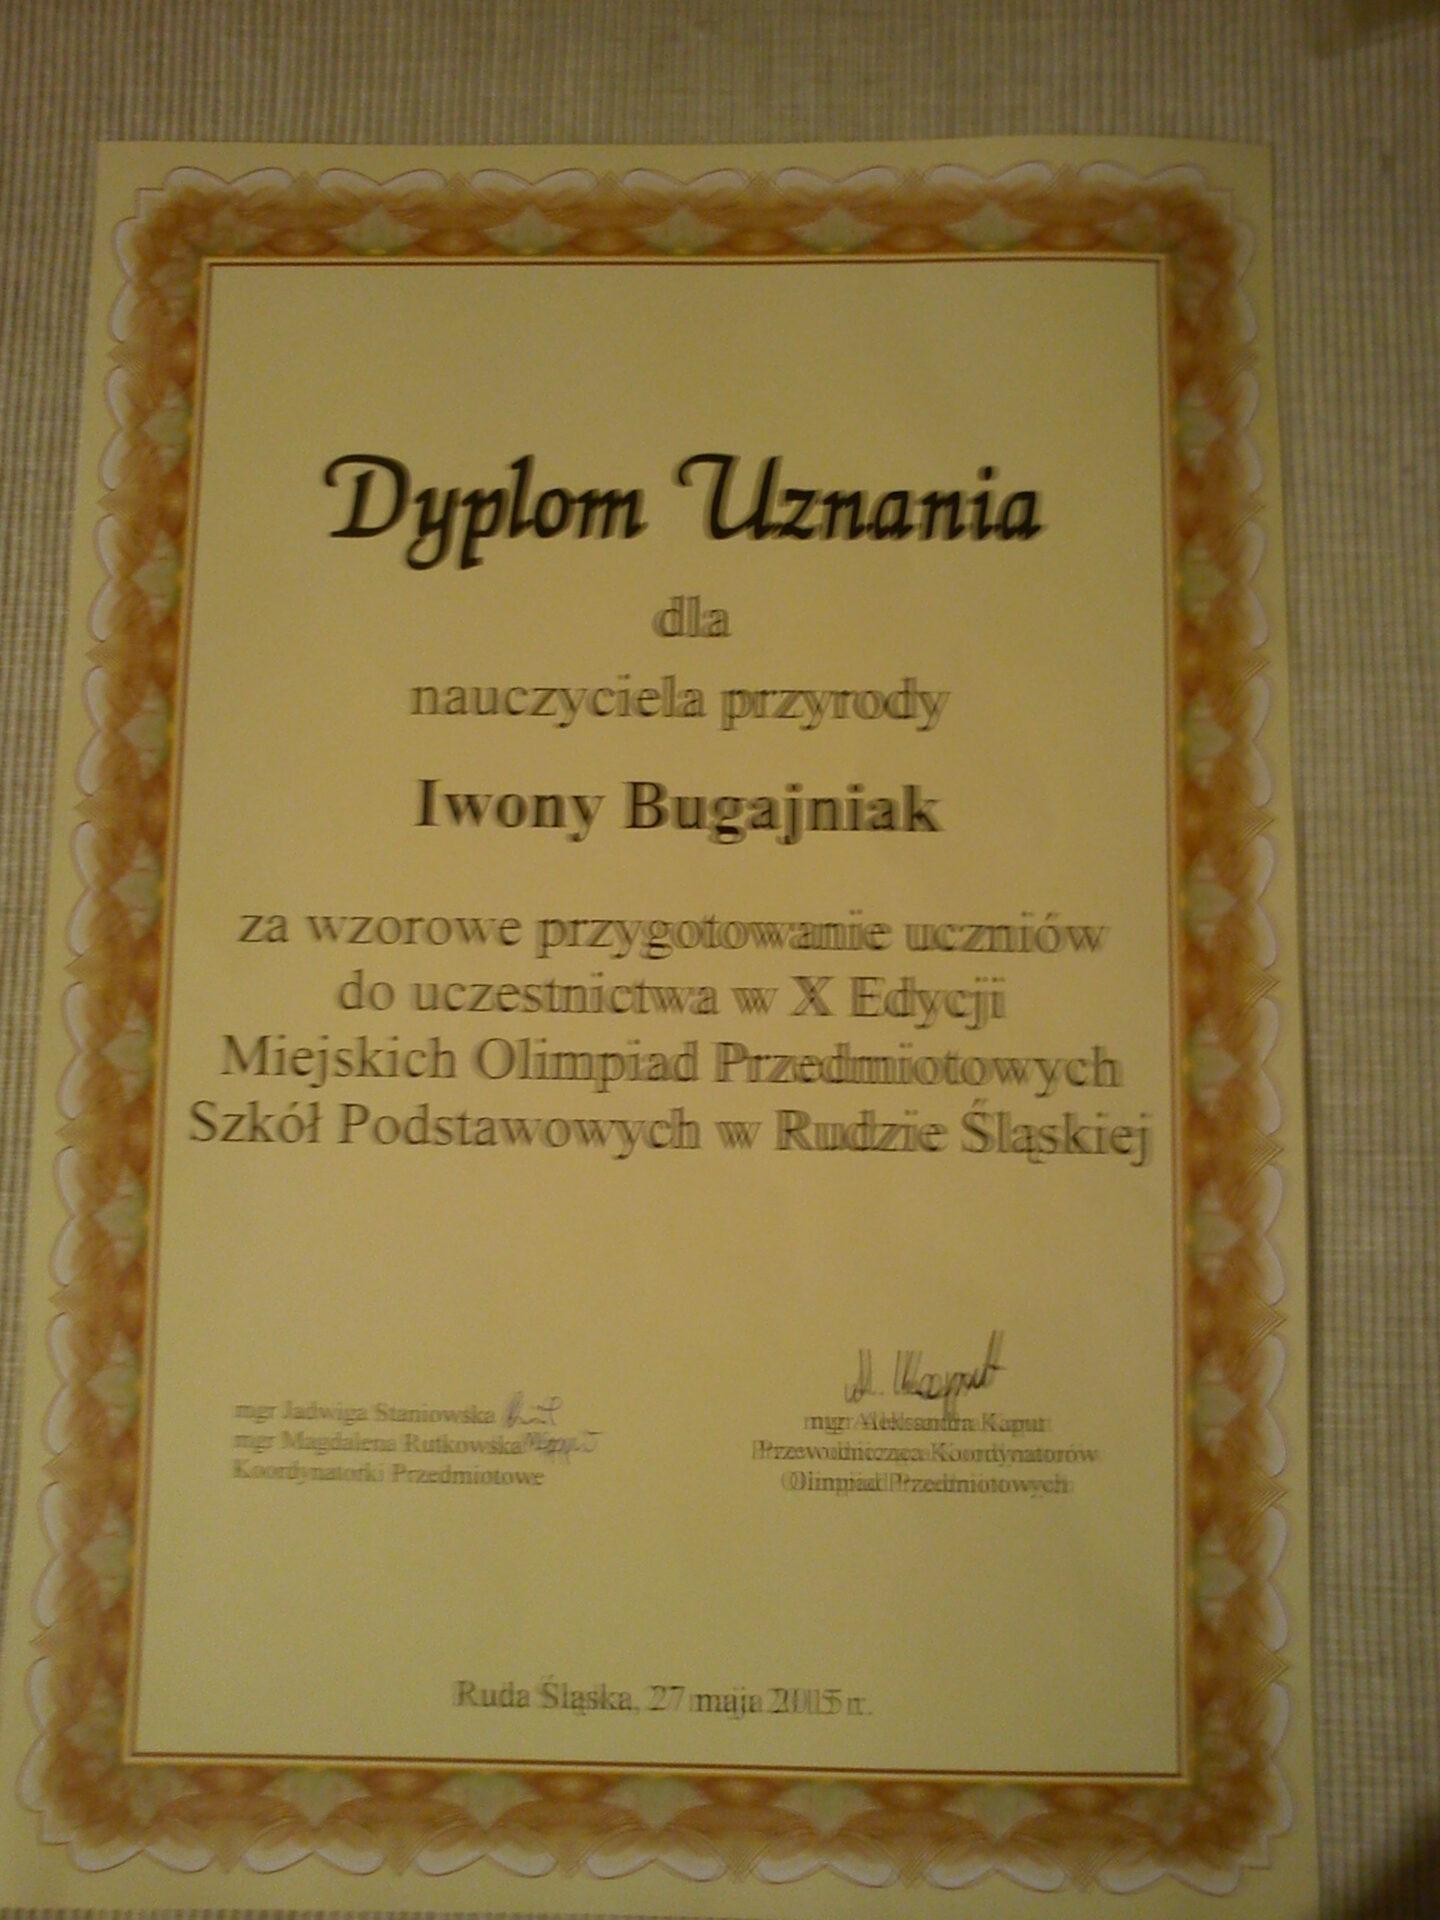 Dyplom dla Pani Iwony Bugajniak nauczyciela przyrody - GRATULACJE